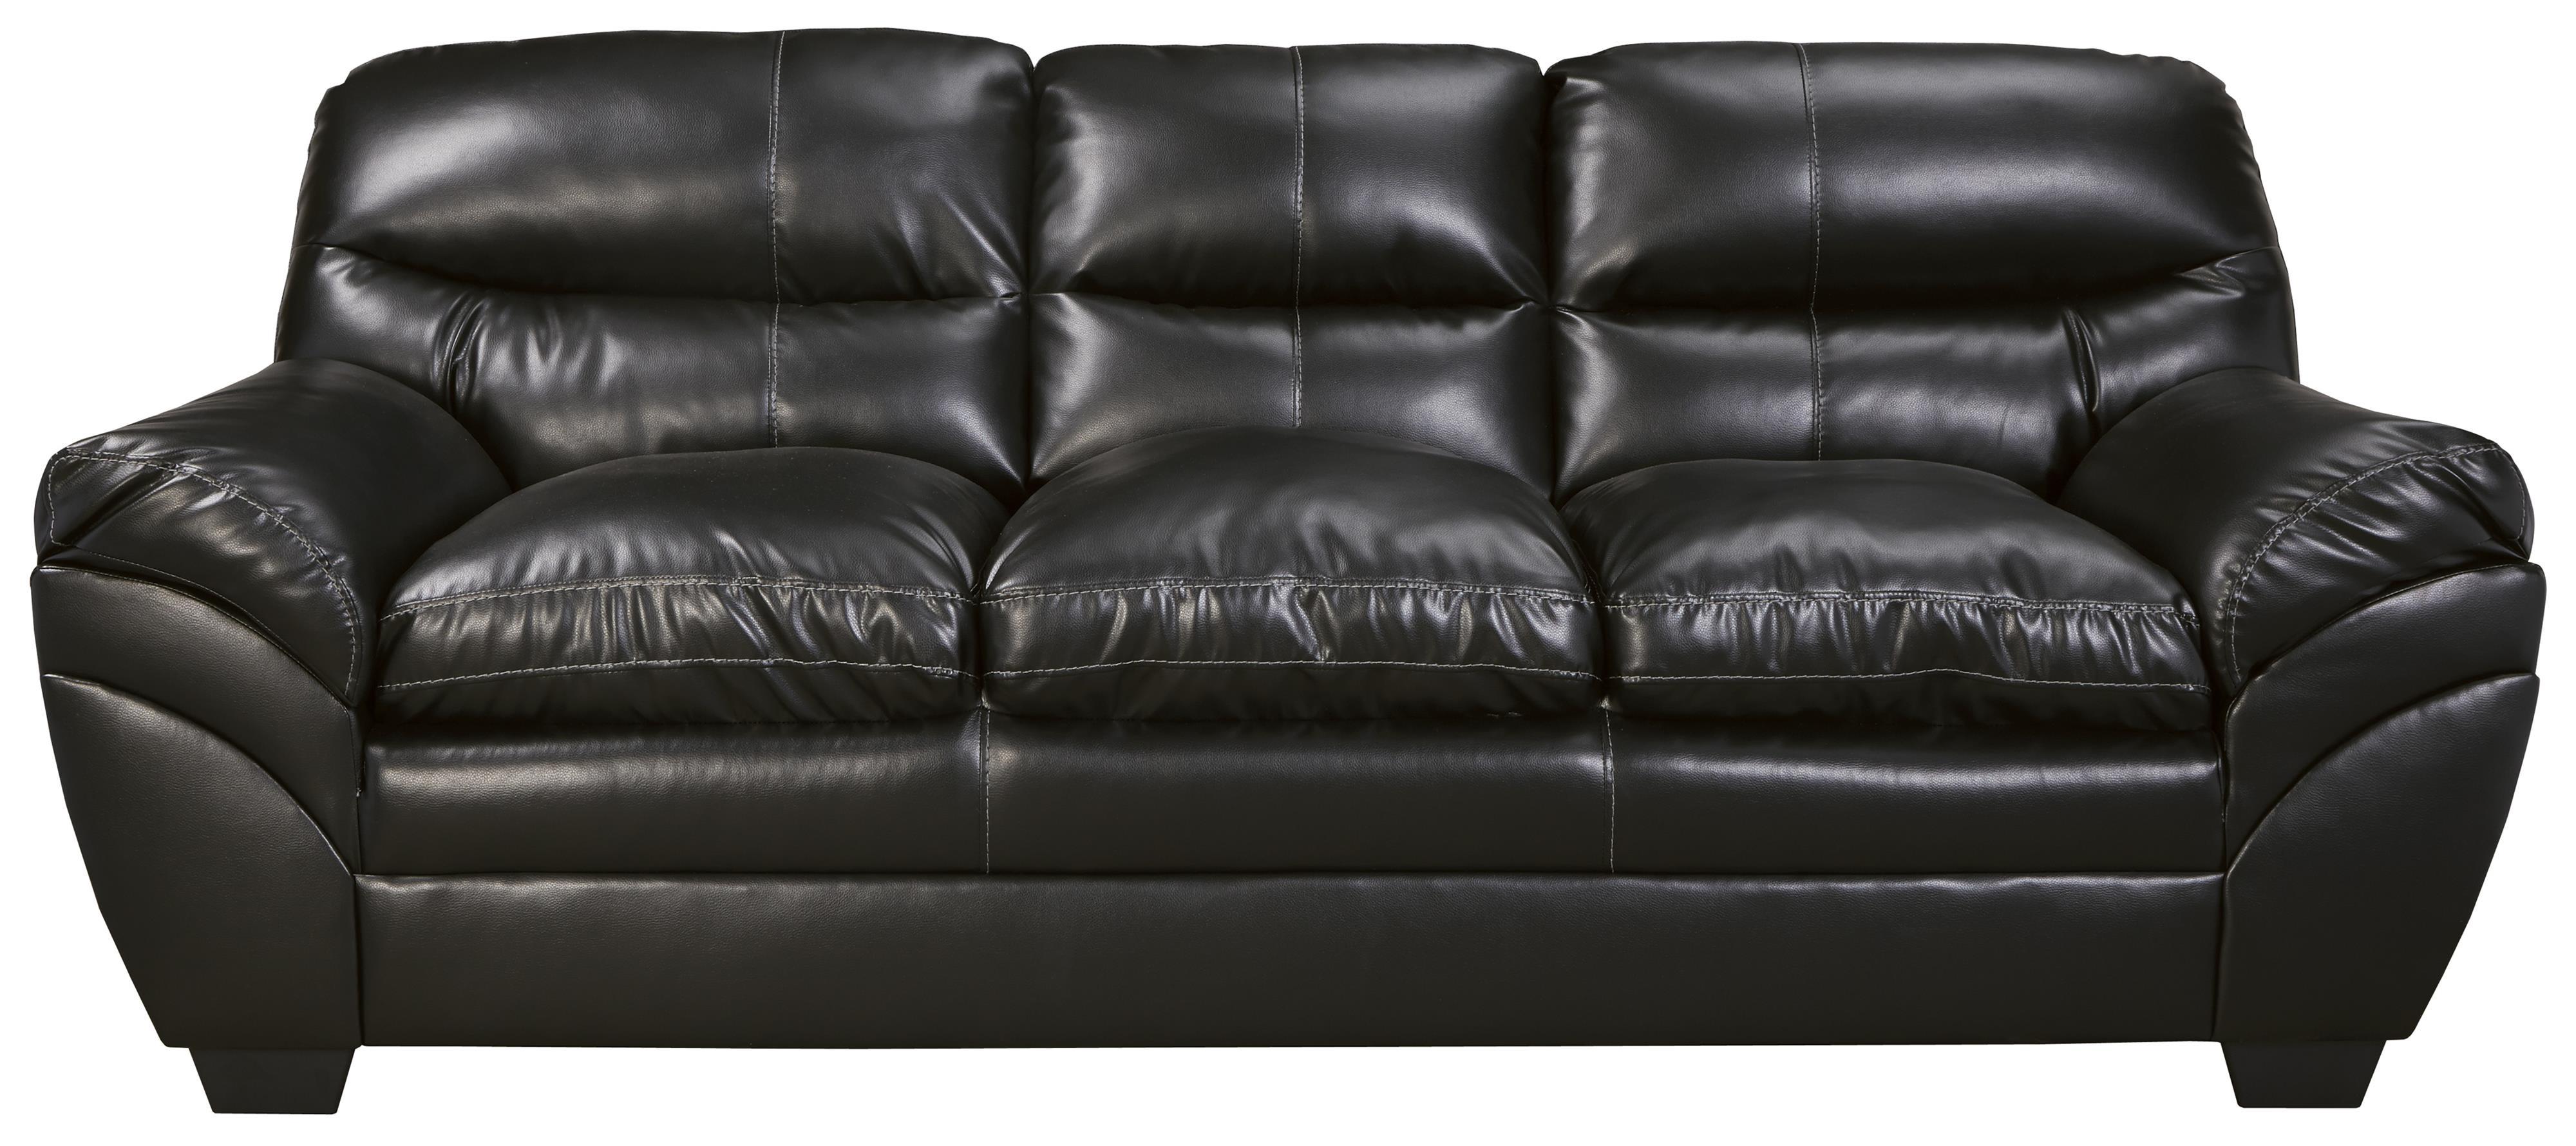 Signature Design By Ashley Tassler DuraBlend® Sofa   Item Number: 4650138